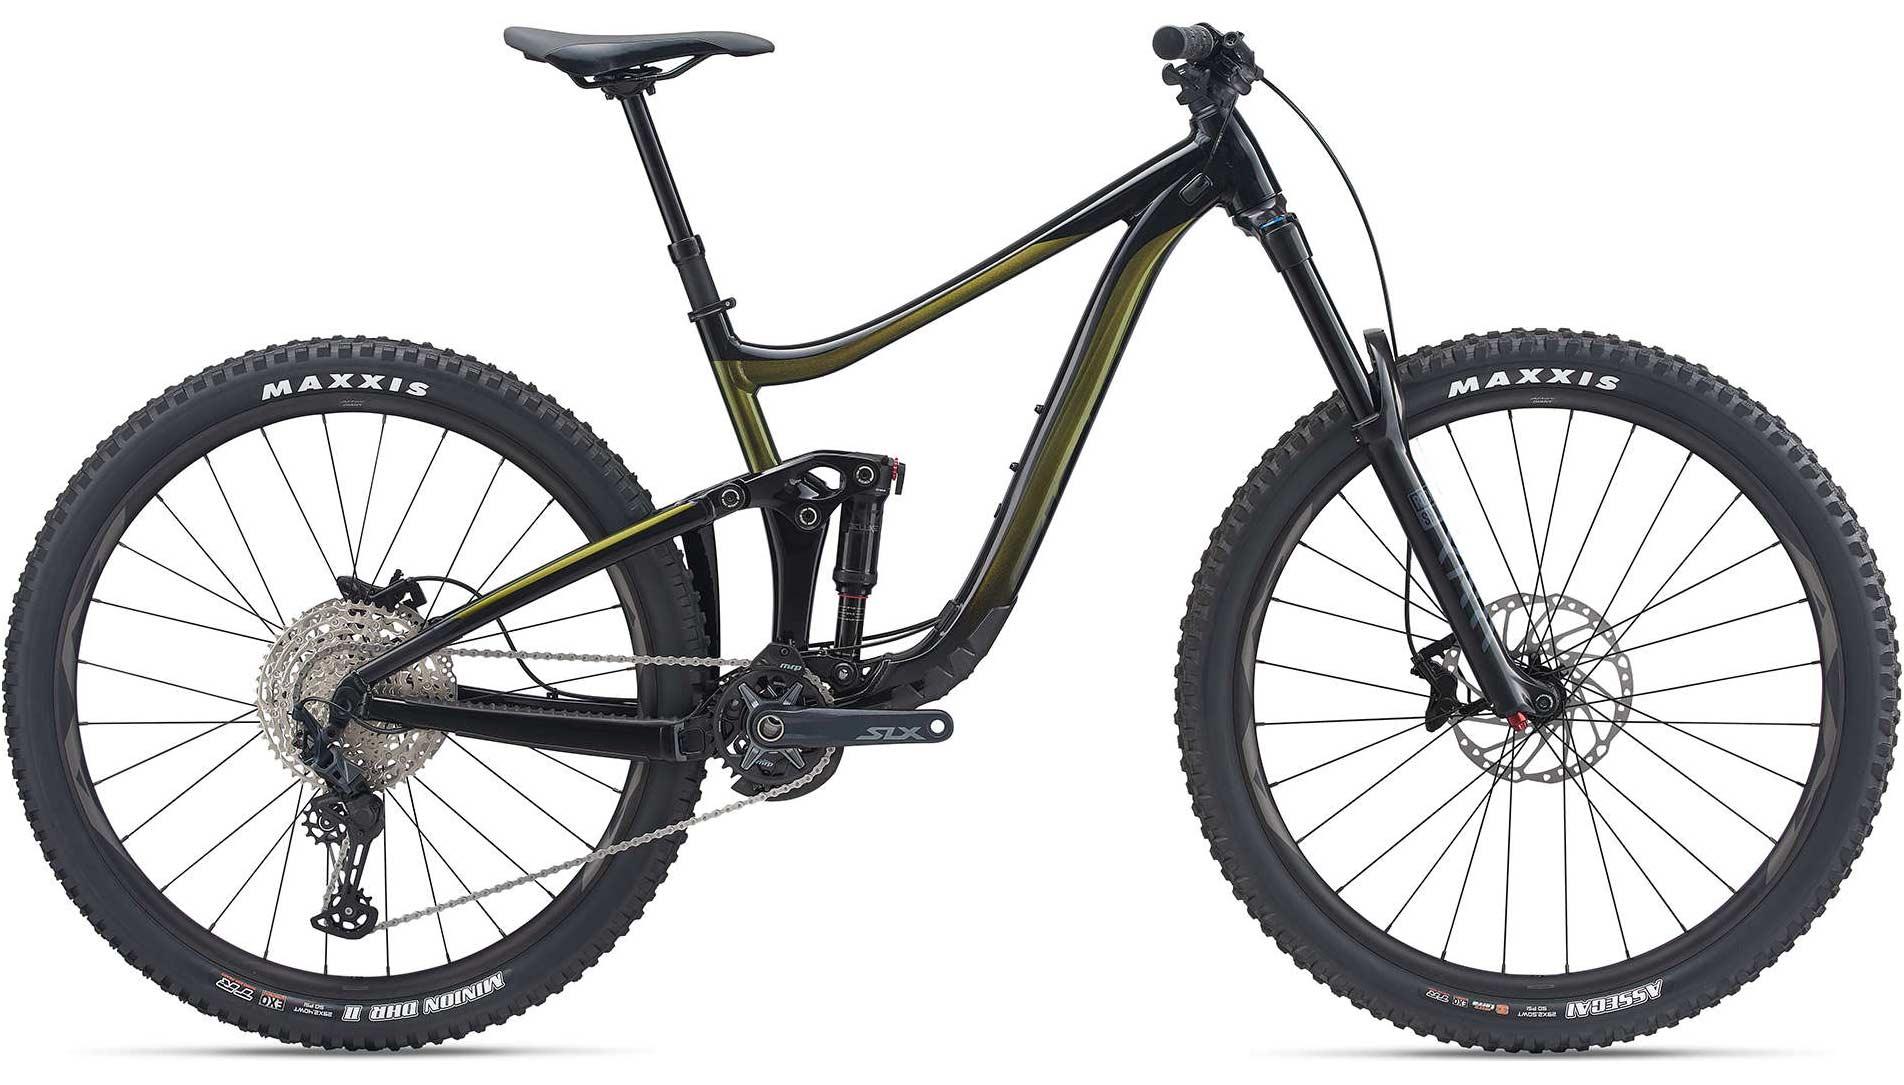 Giant Reign enduro full suspension bike, 170mm travel, Maestro damping frame